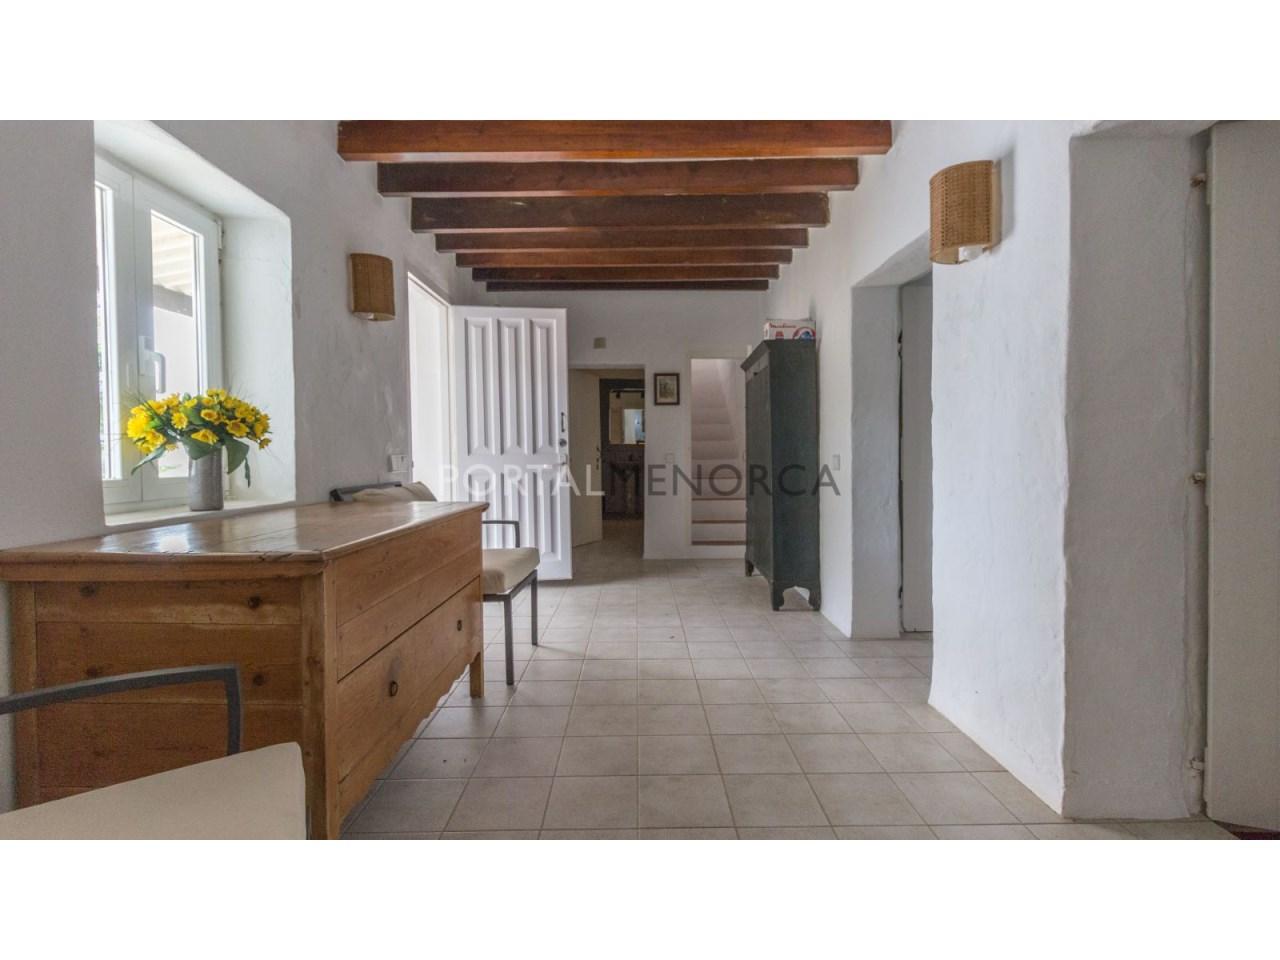 casa de campo en Sant Lluis, Menorca (7 de 22)